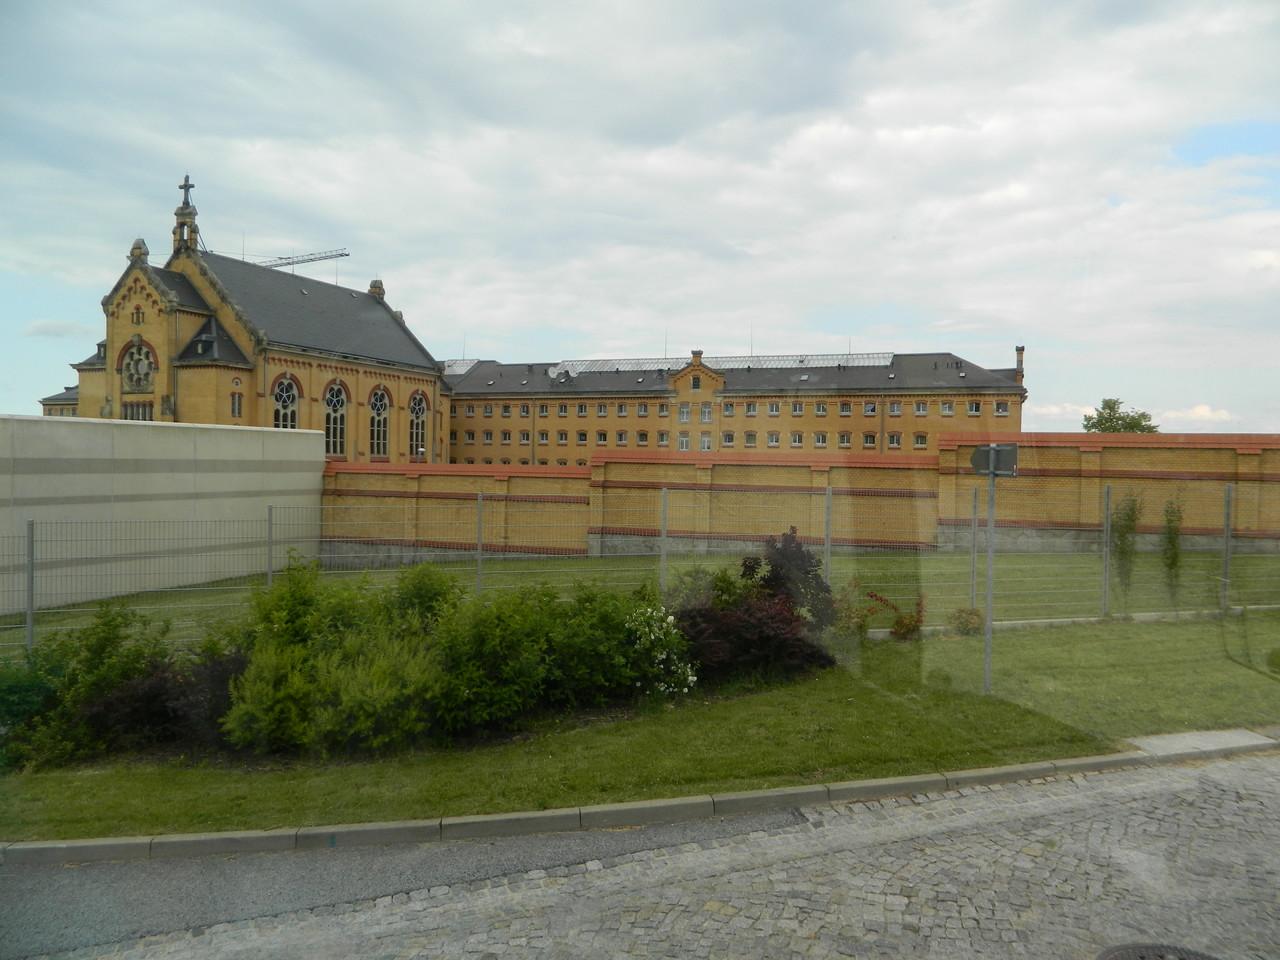 Das Gefängnis für politische Gefangene in Bautzen